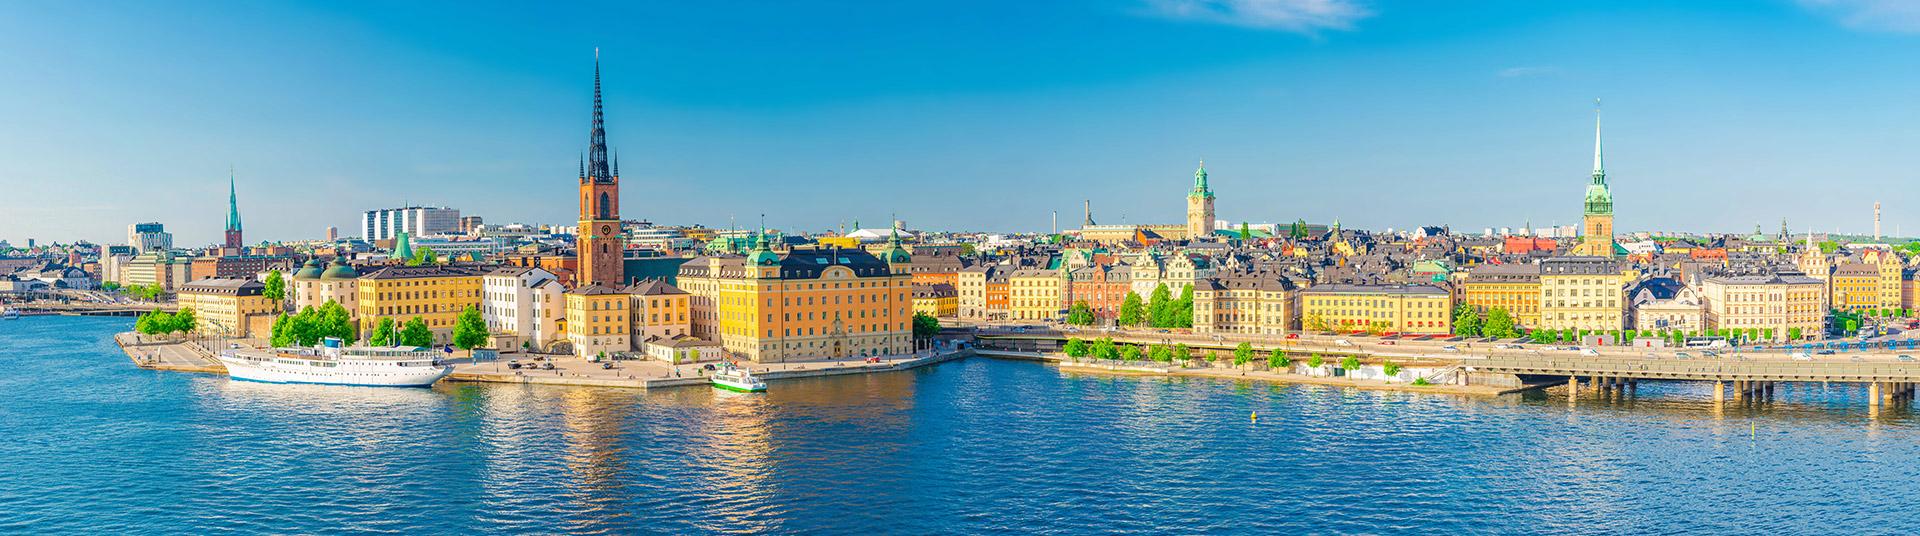 vol stockholm sto billet d 39 avion stockholm pas cher avec. Black Bedroom Furniture Sets. Home Design Ideas